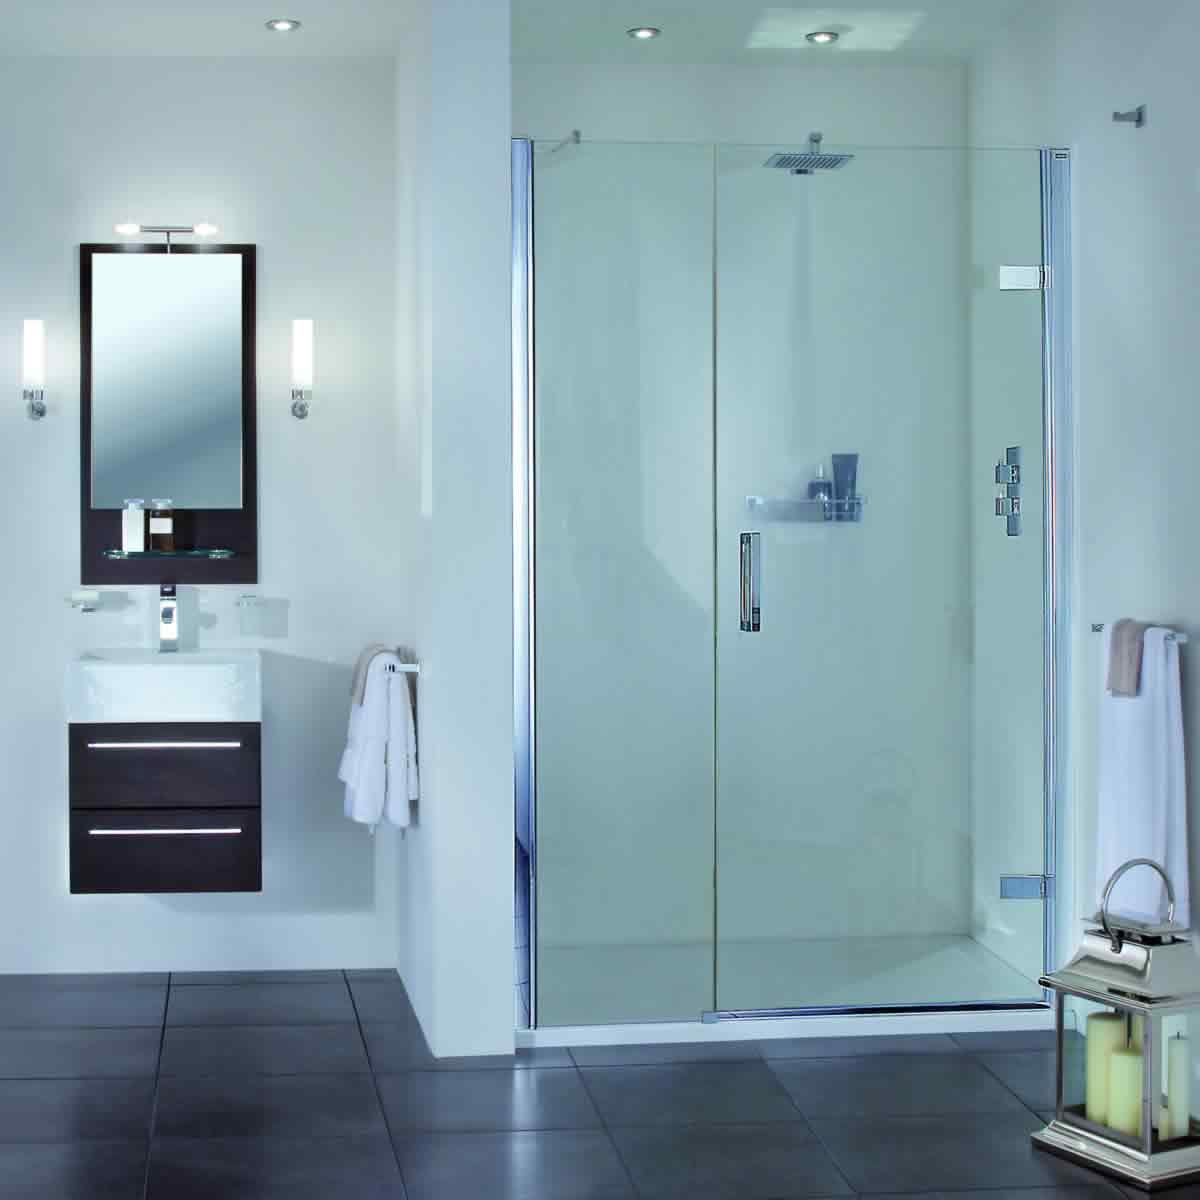 Aqata spectra hinged shower door inline panel sp457 recess aqata spectra hinged shower door inline panel sp457 recess vtopaller Gallery